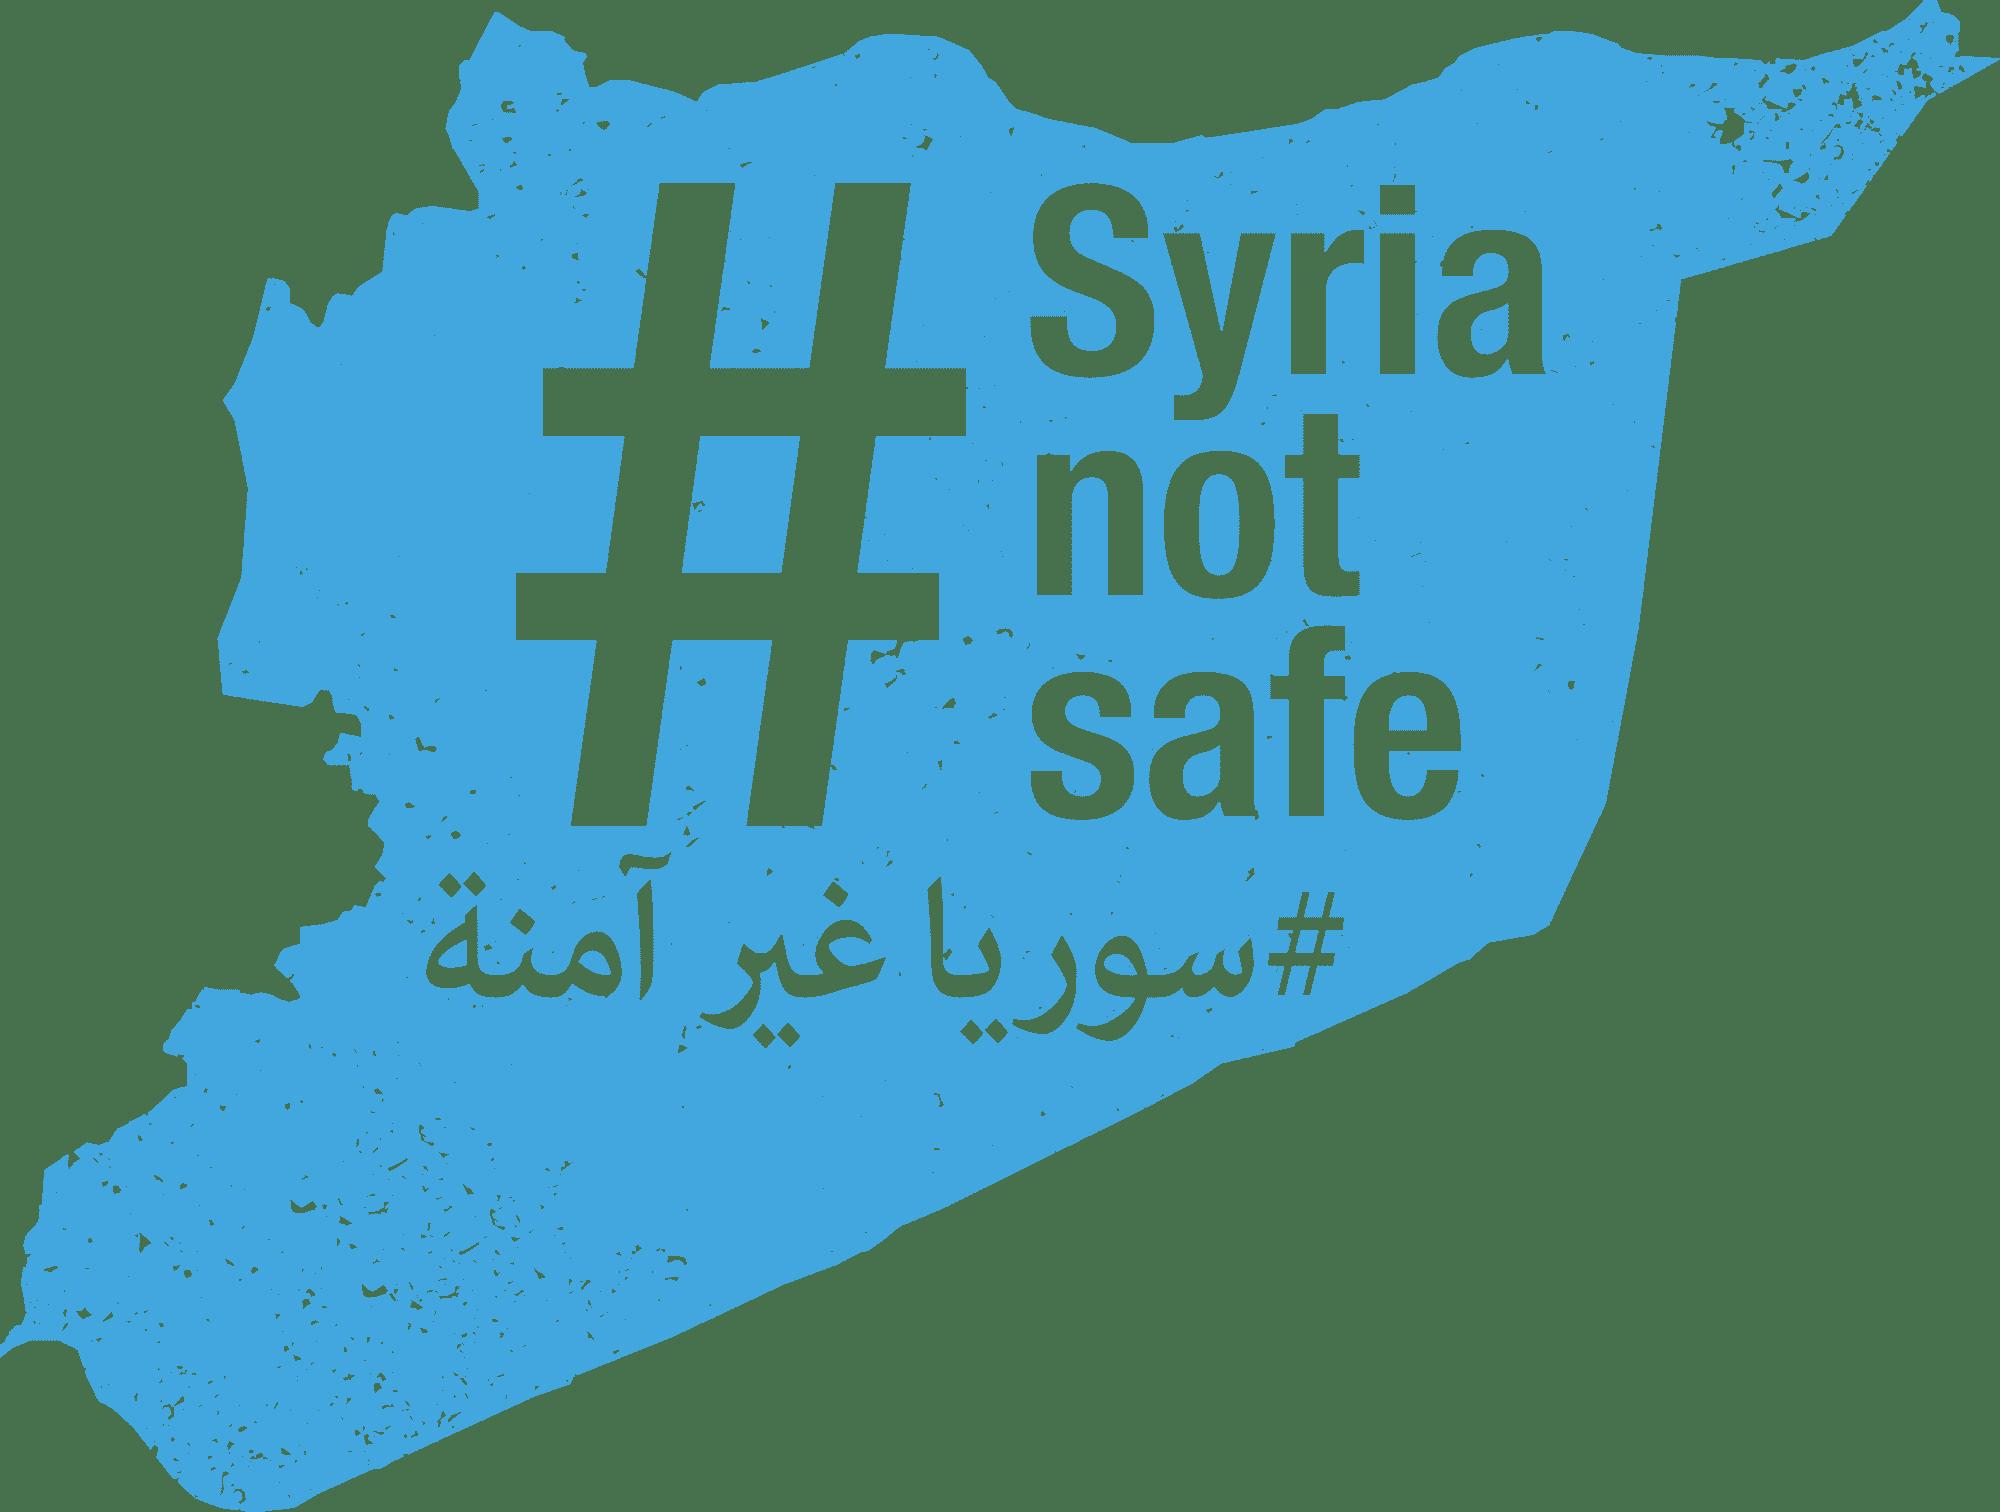 #SyriaNotSafe!